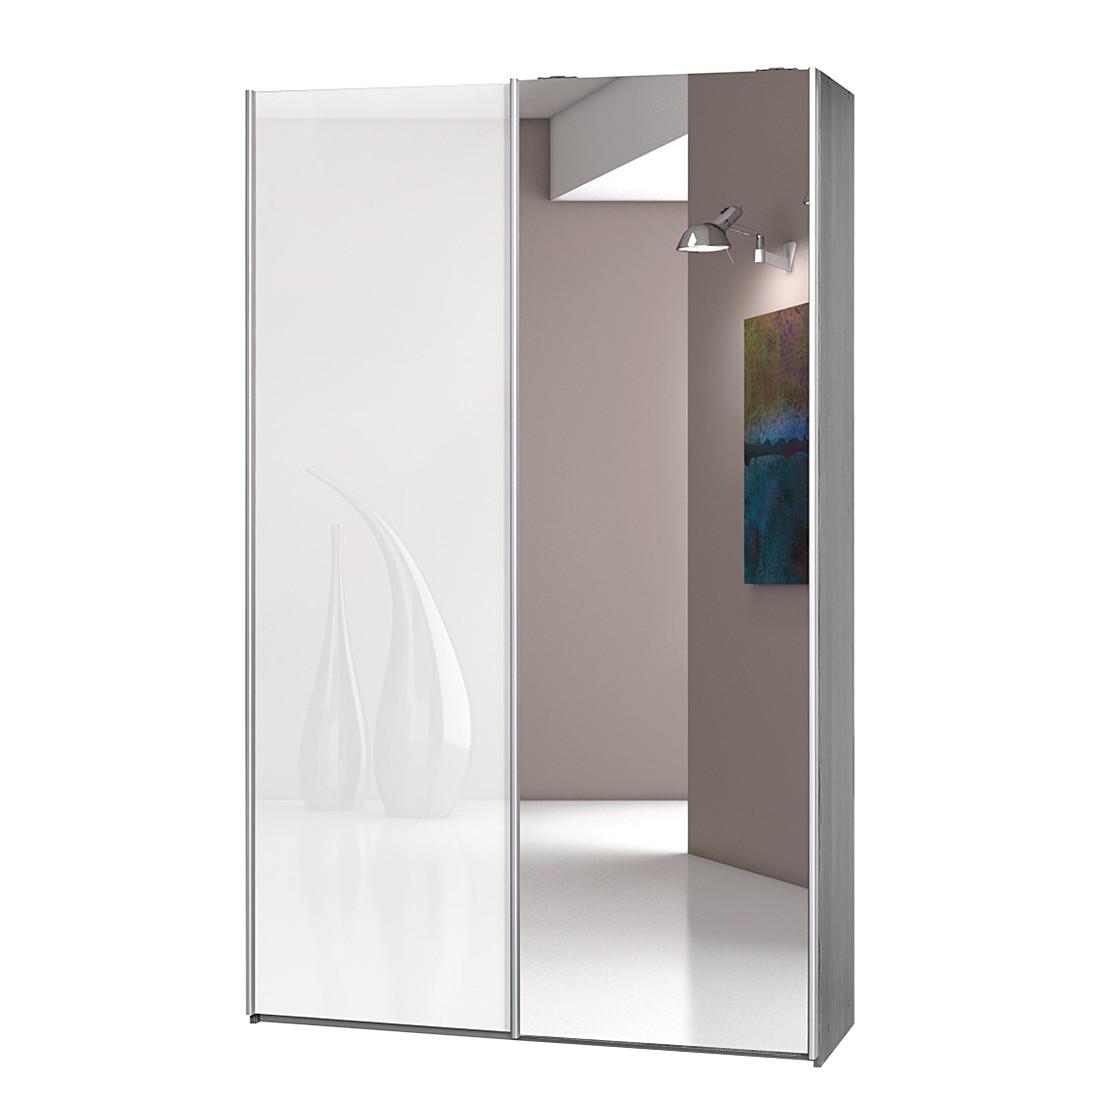 Schwebetürenschrank Soft Smart I – Silbereiche Dekor/Hochglanz Weiß/Spiegeltür – Breite: 120 cm / Tiefe: 42 cm, CS Schmal günstig kaufen